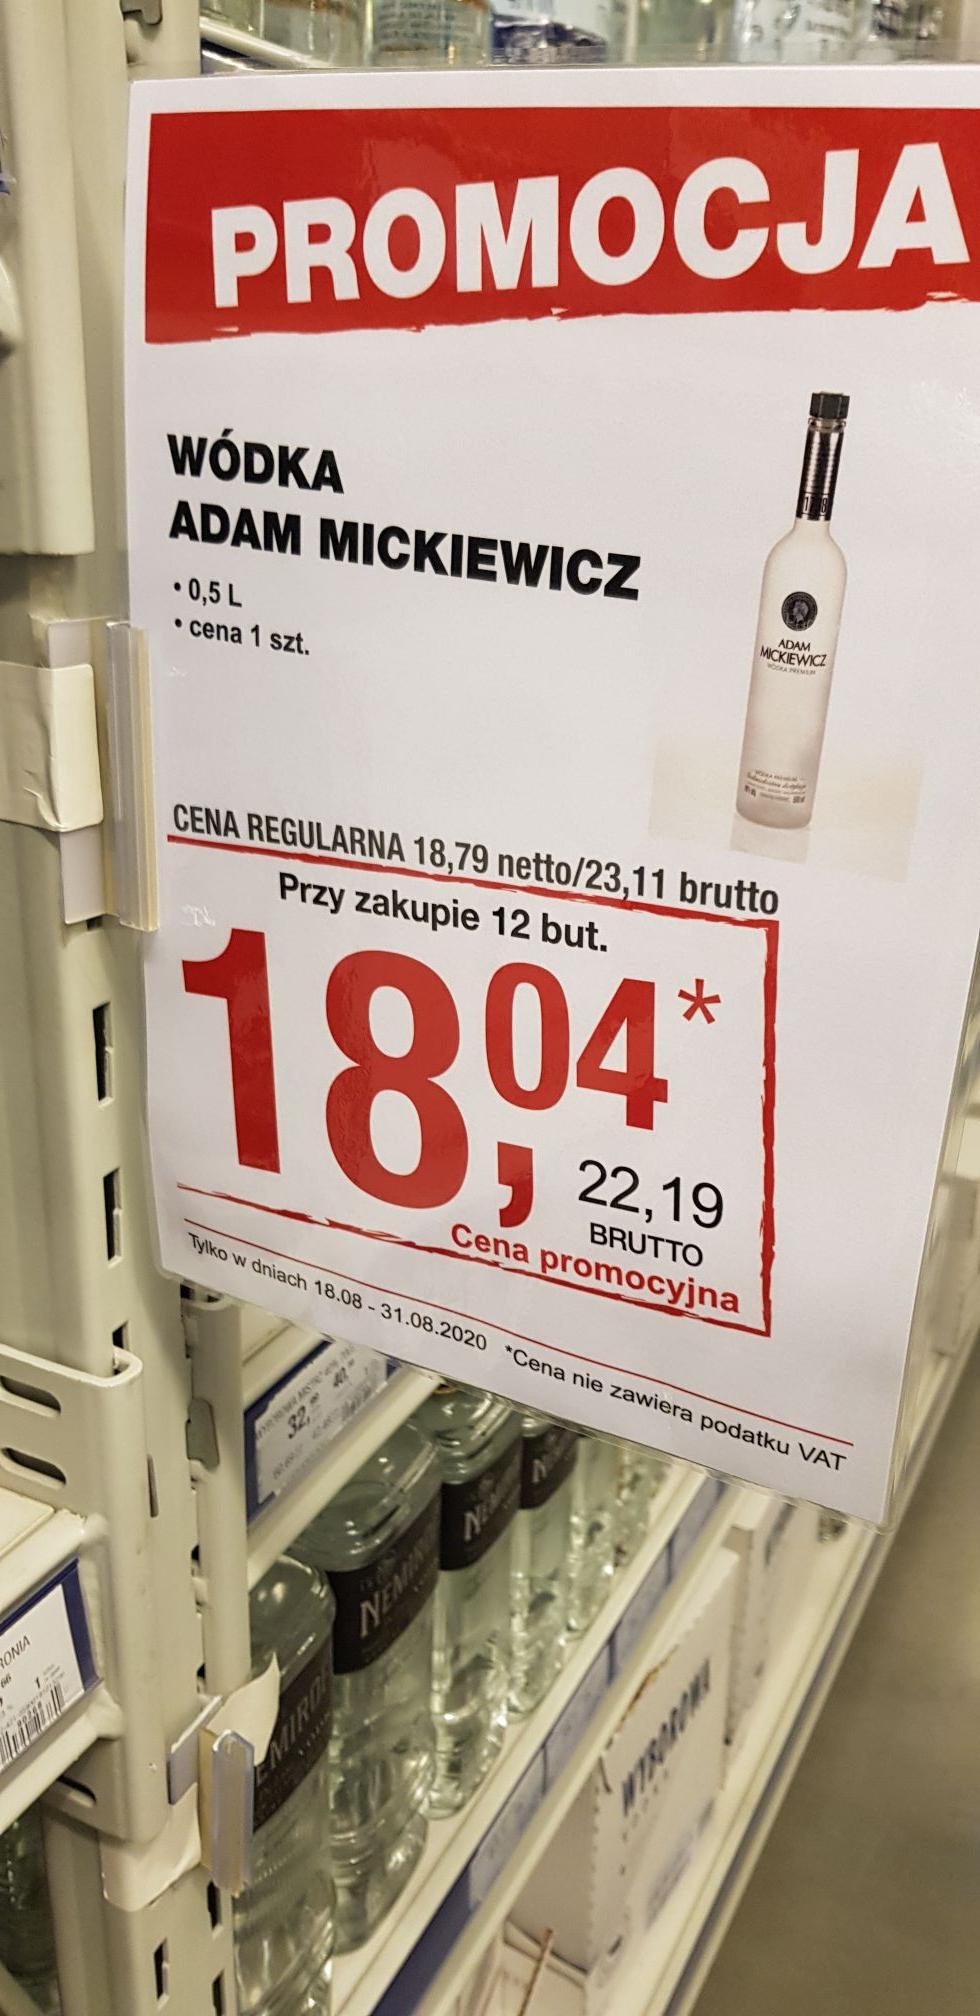 Makro (Warszawa)Wódka Adam Mickiewicz, przy 12szt